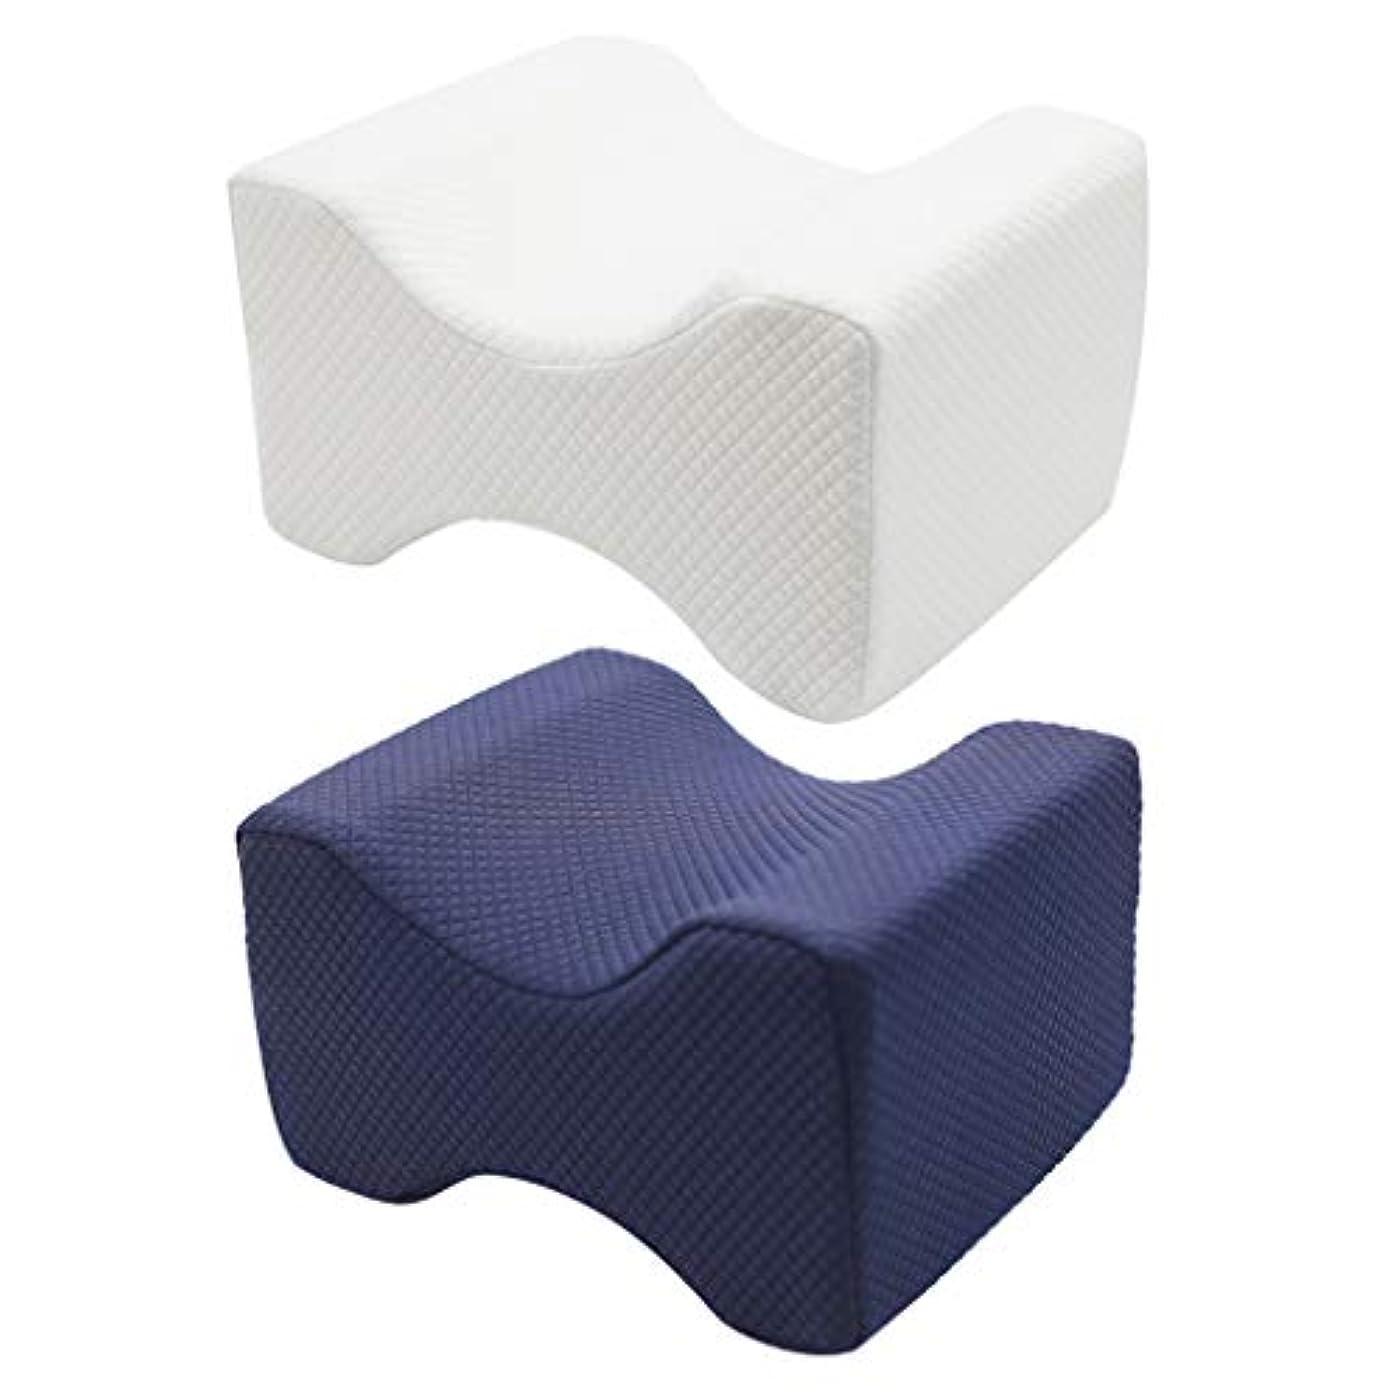 幾何学間欠ボートSharrring記憶枕 肩こり対策 まくら 低反発枕、快眠枕 首?頭?肩 頸椎サポート 頭痛改善 ストレートネック矯正マクラ (白)